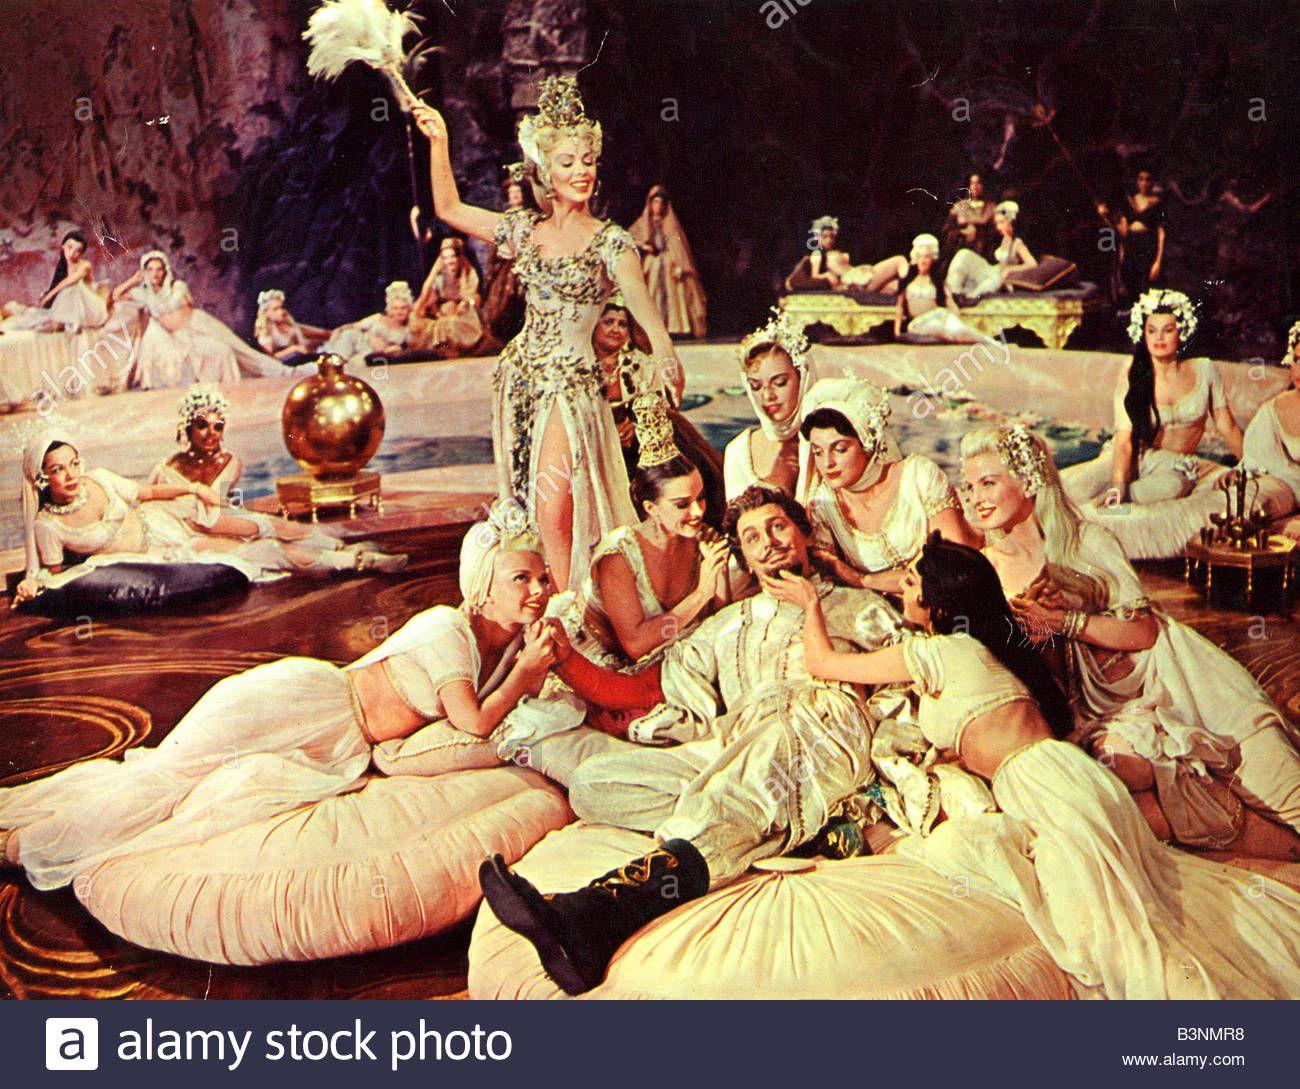 Kismet 1955 movie download.